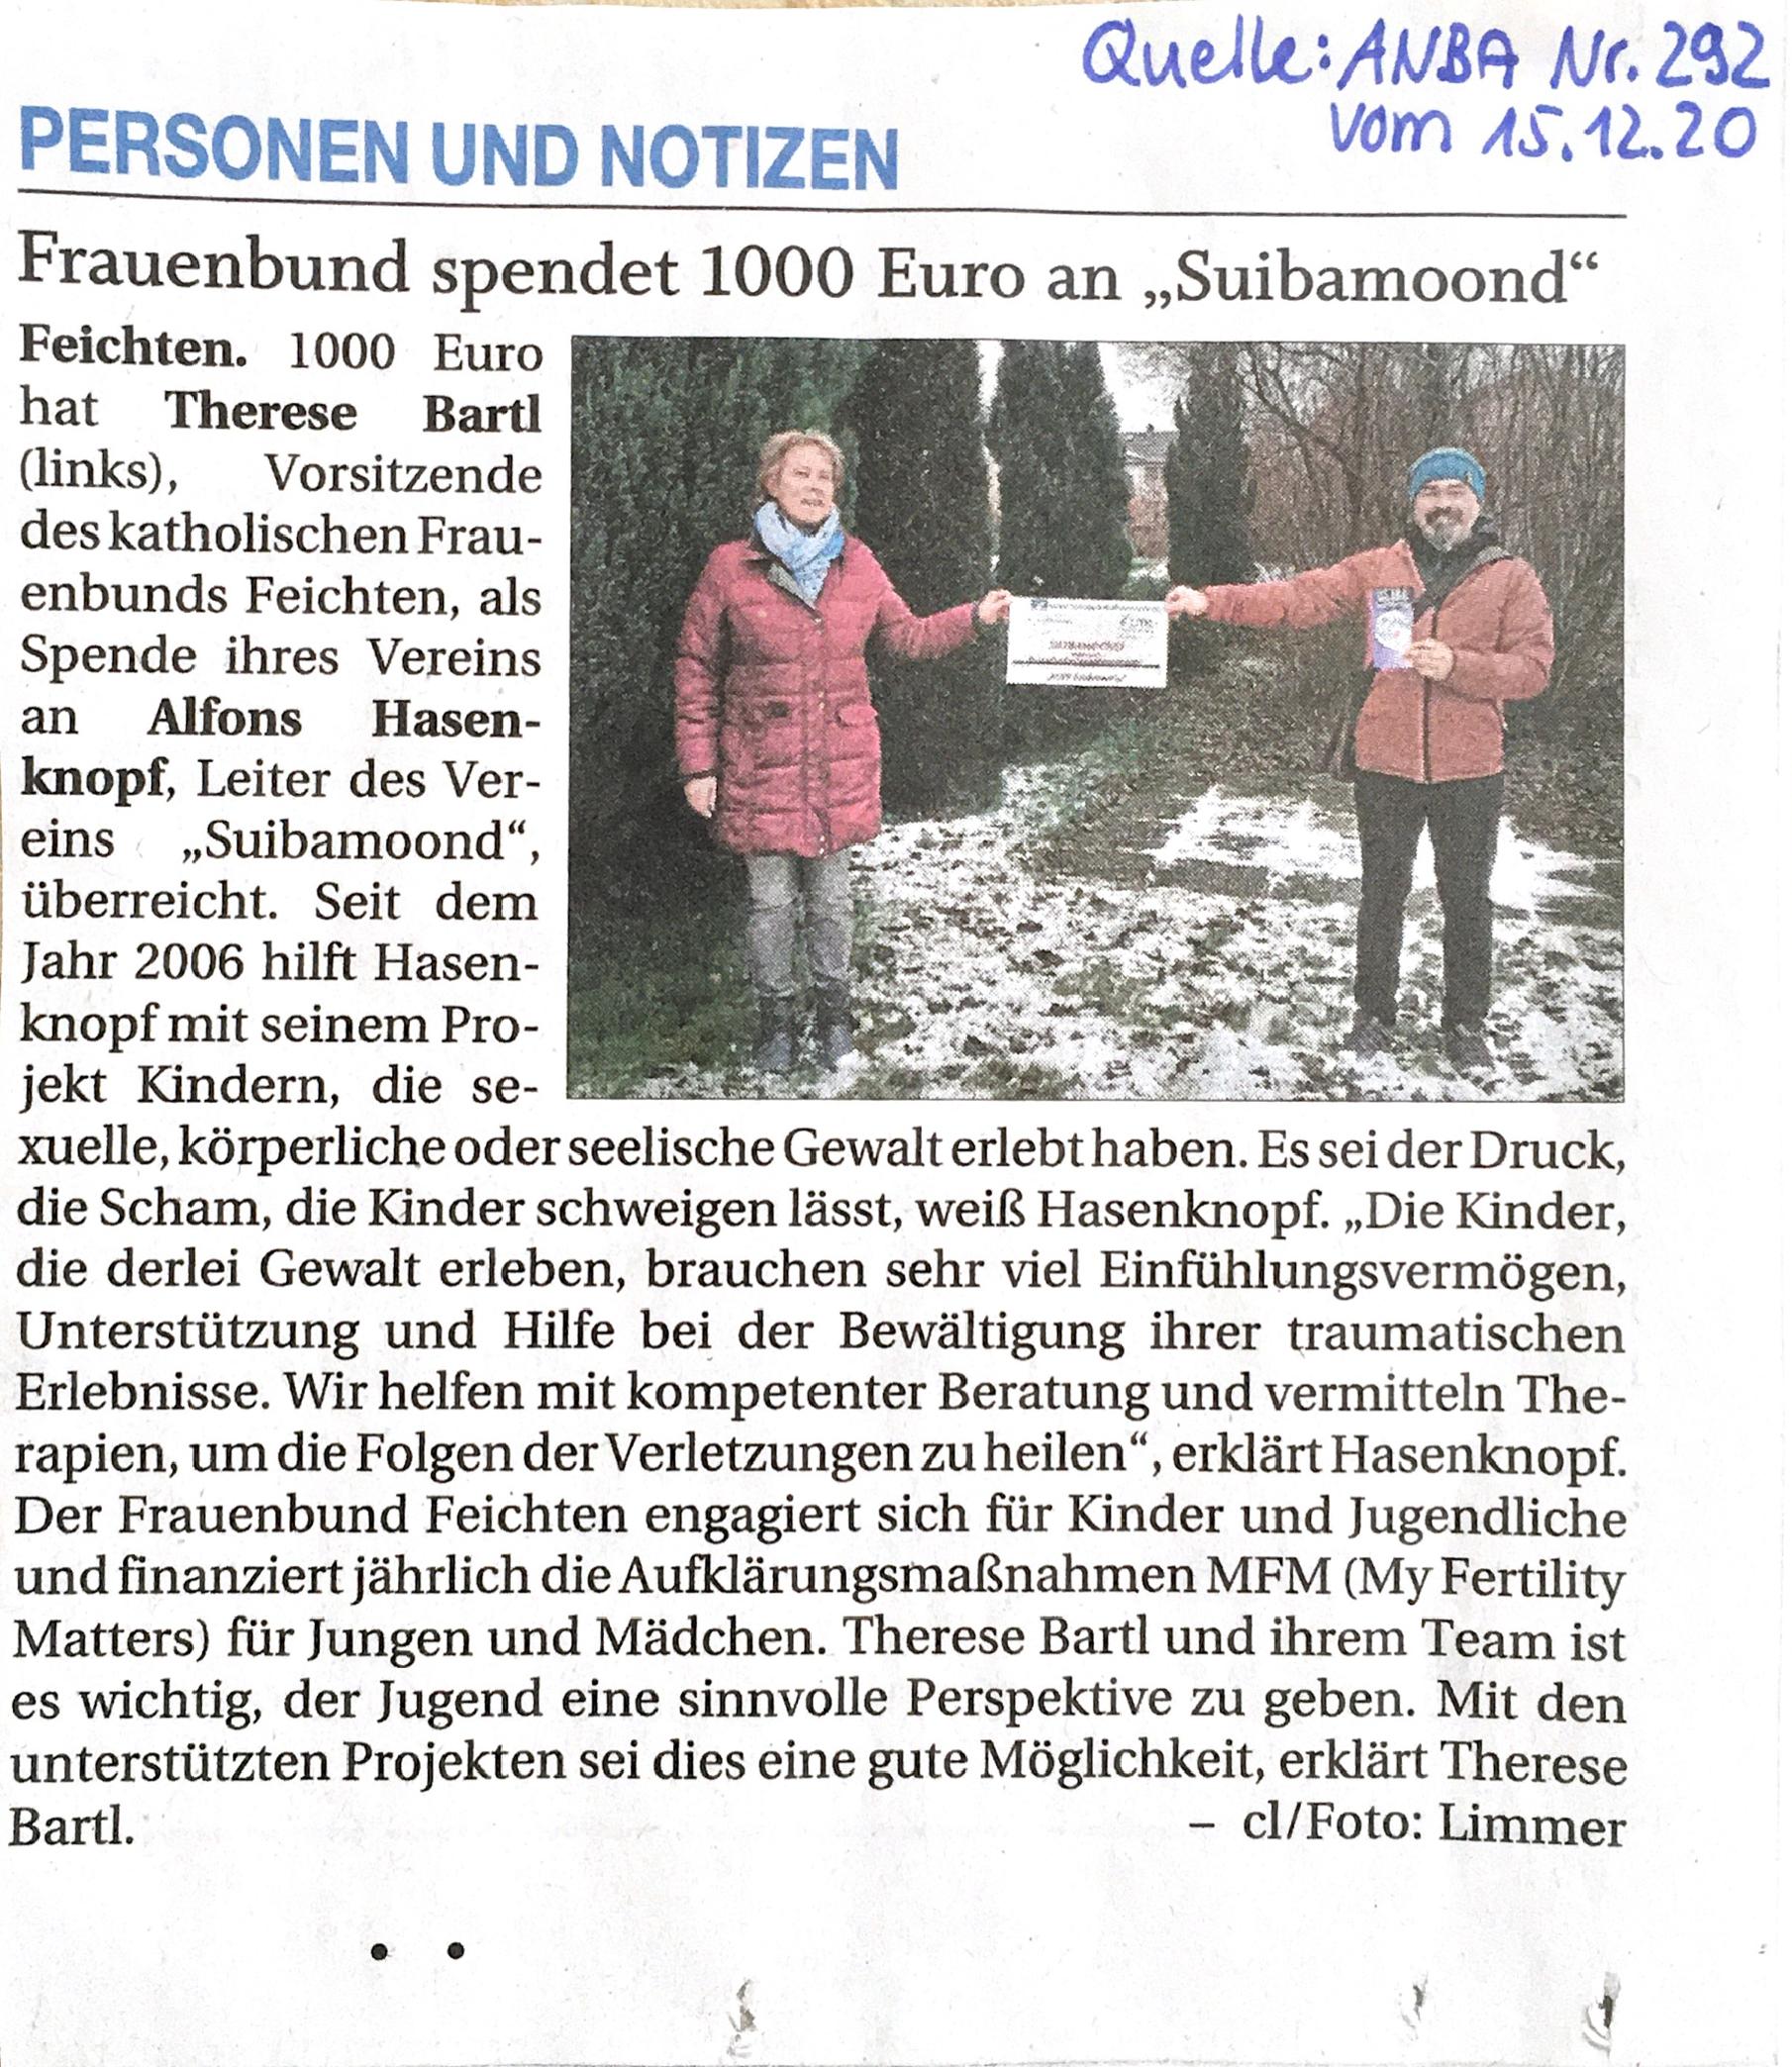 Frauenbund spendet 1000 Euro an Suibamoond